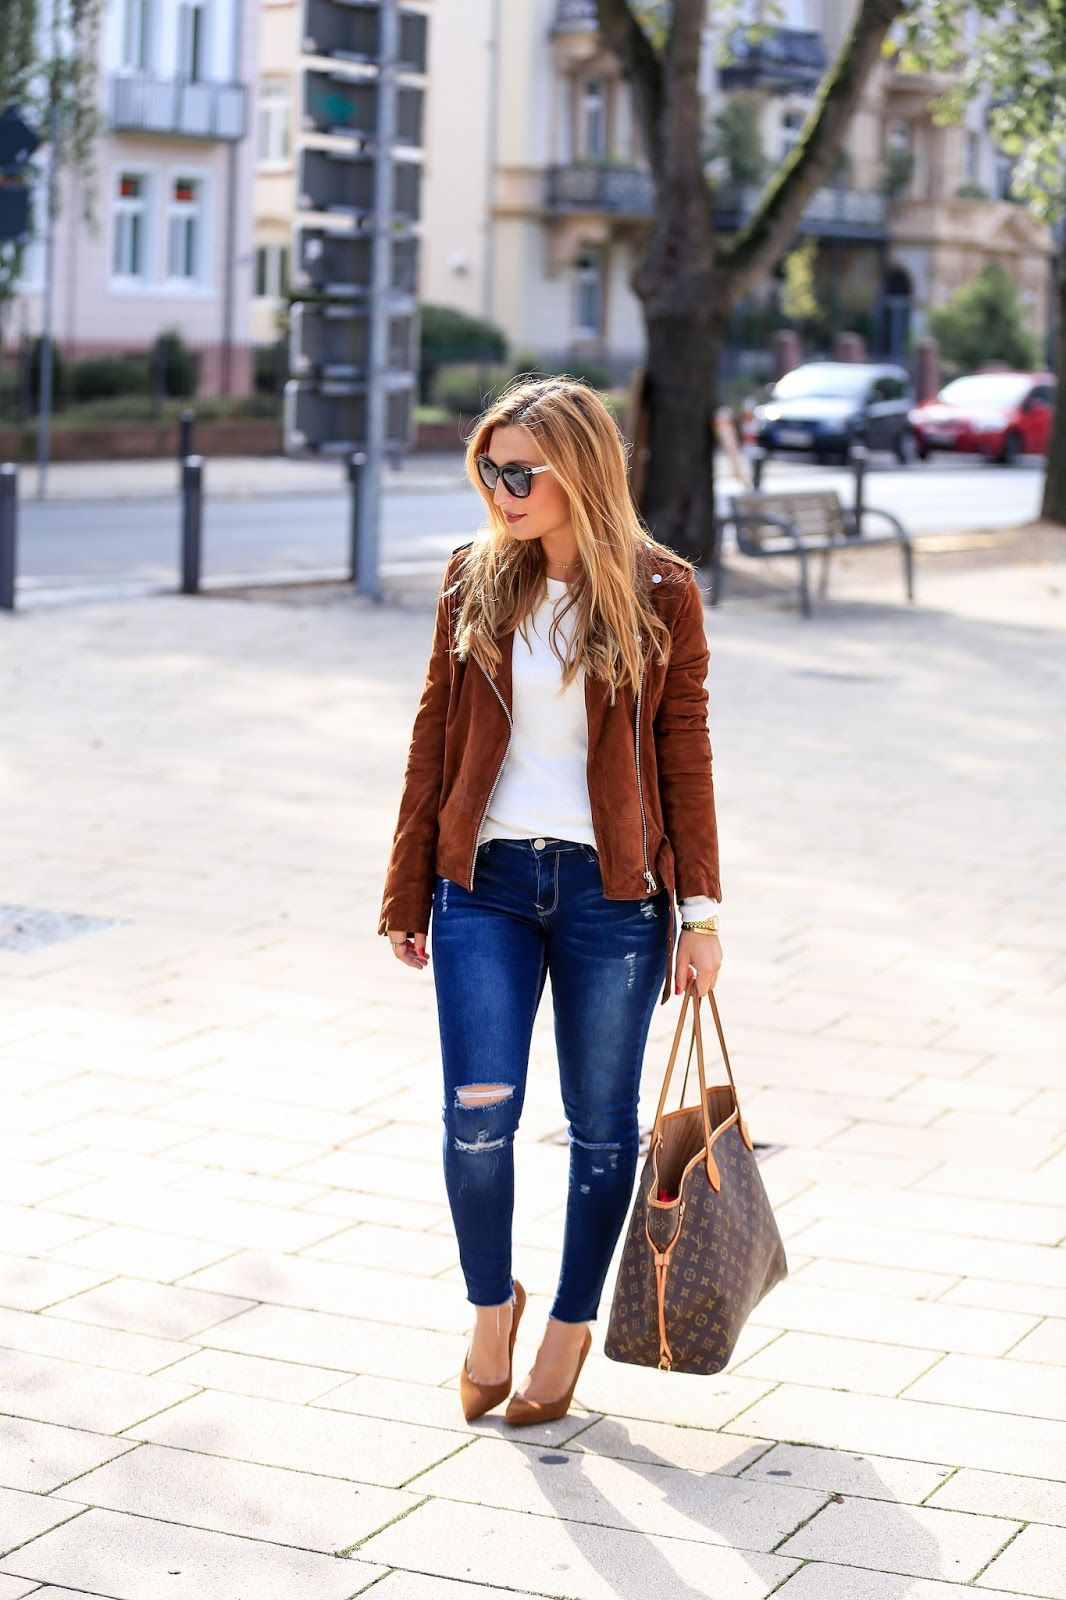 sale retailer e11bc a5f7d Meine braune Must-Have Leder Jacke für diesen Herbst/Winter ...